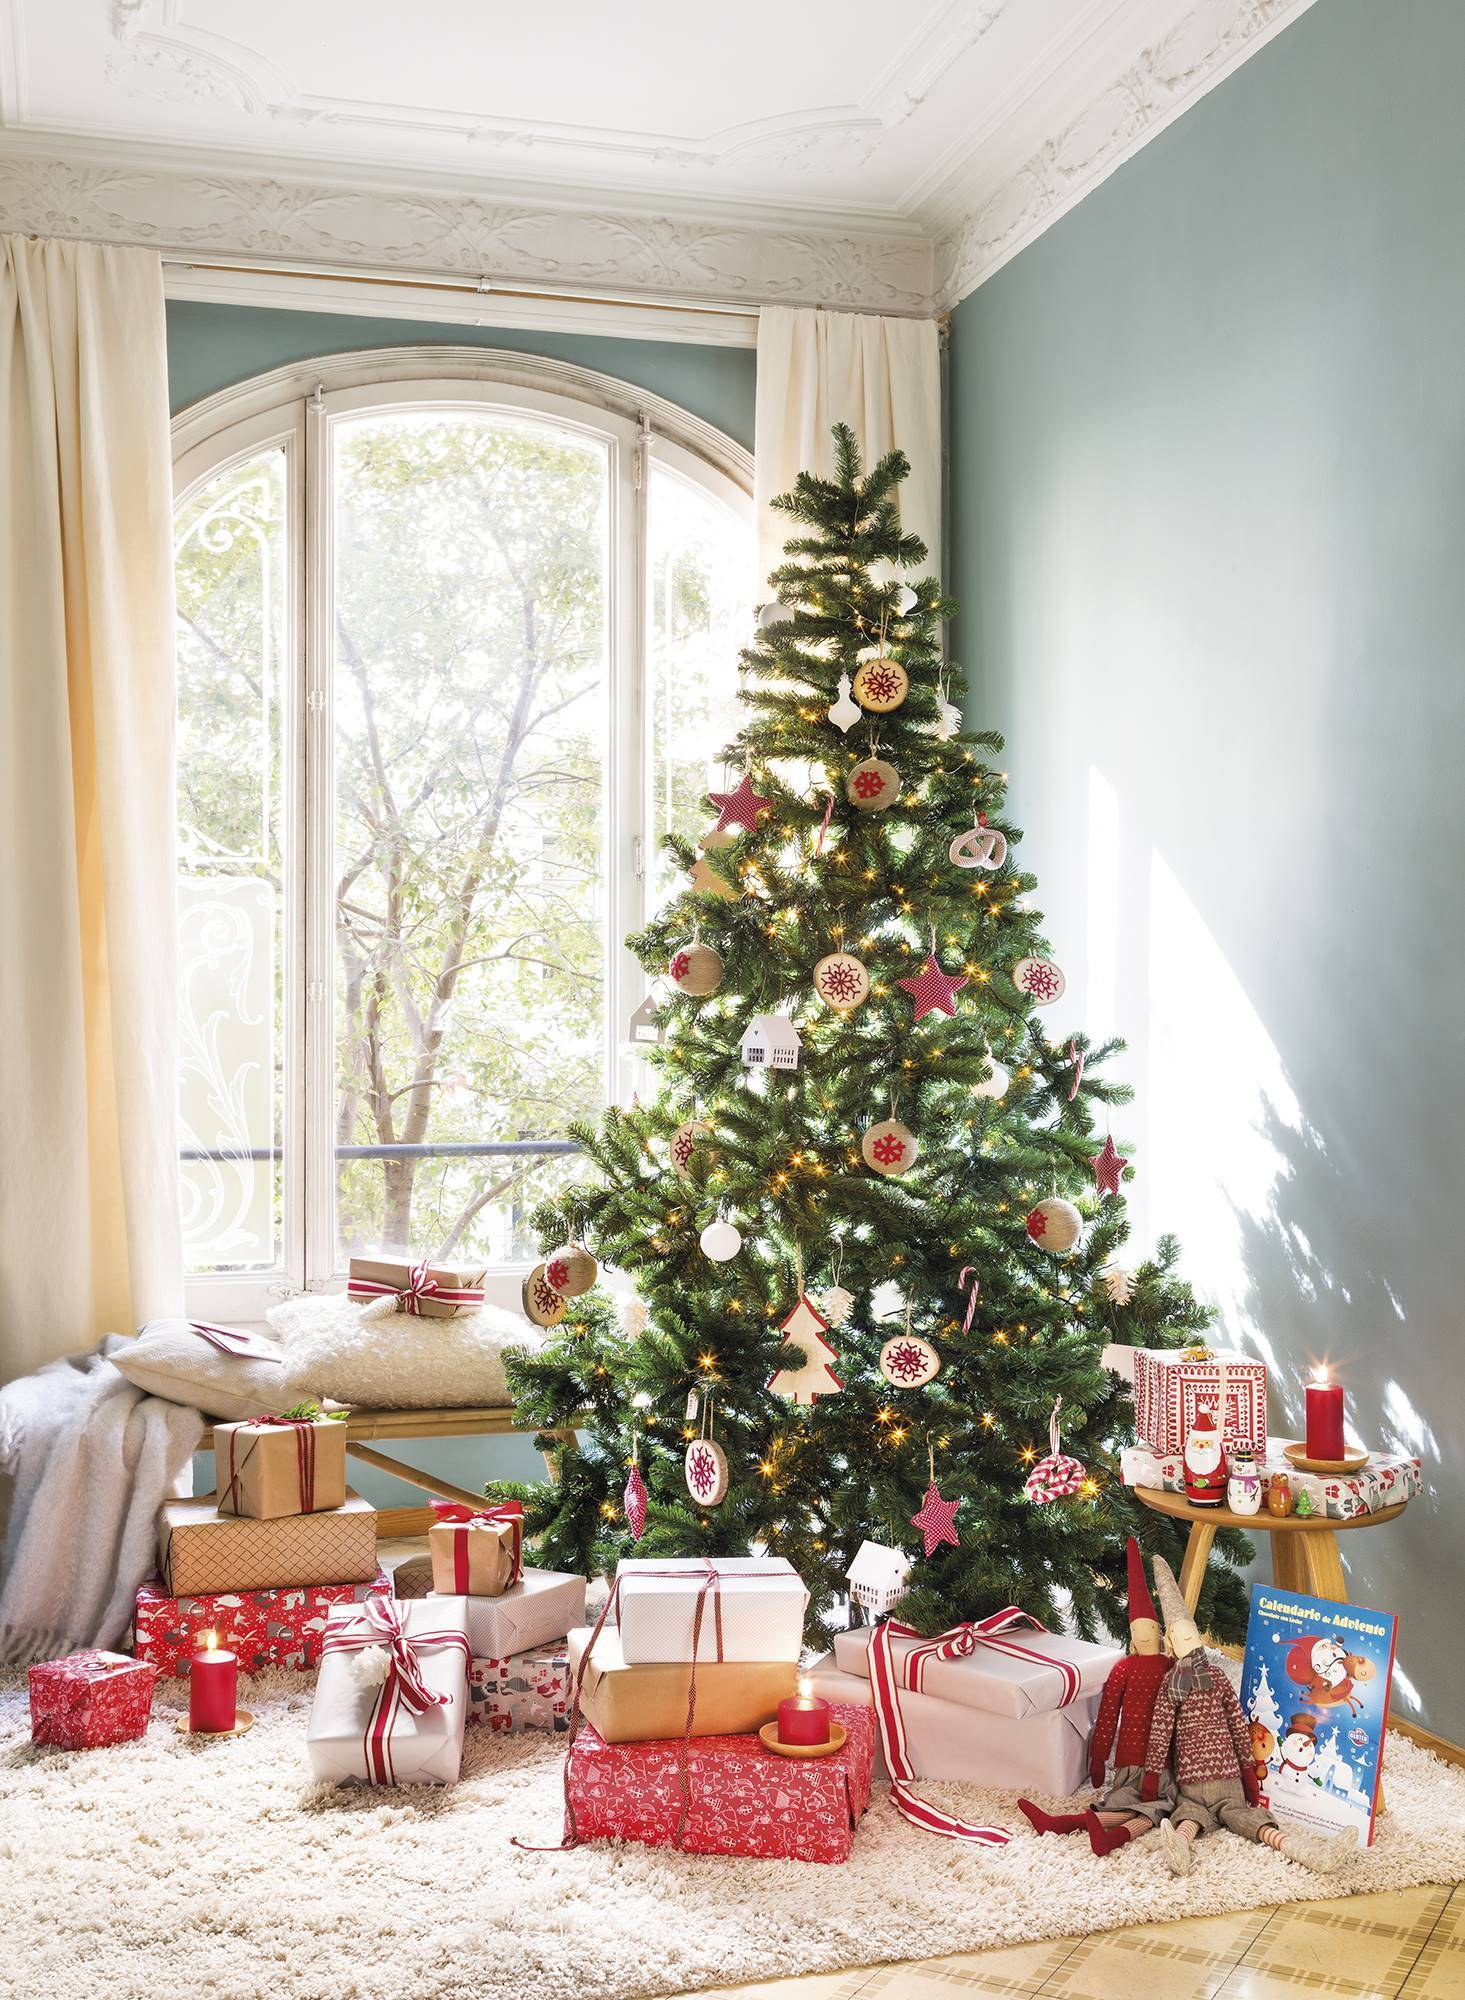 Căn nhà bừng sáng lung linh mùa Giáng sinh nhờ khéo mix đồ trang trí - Ảnh 4.